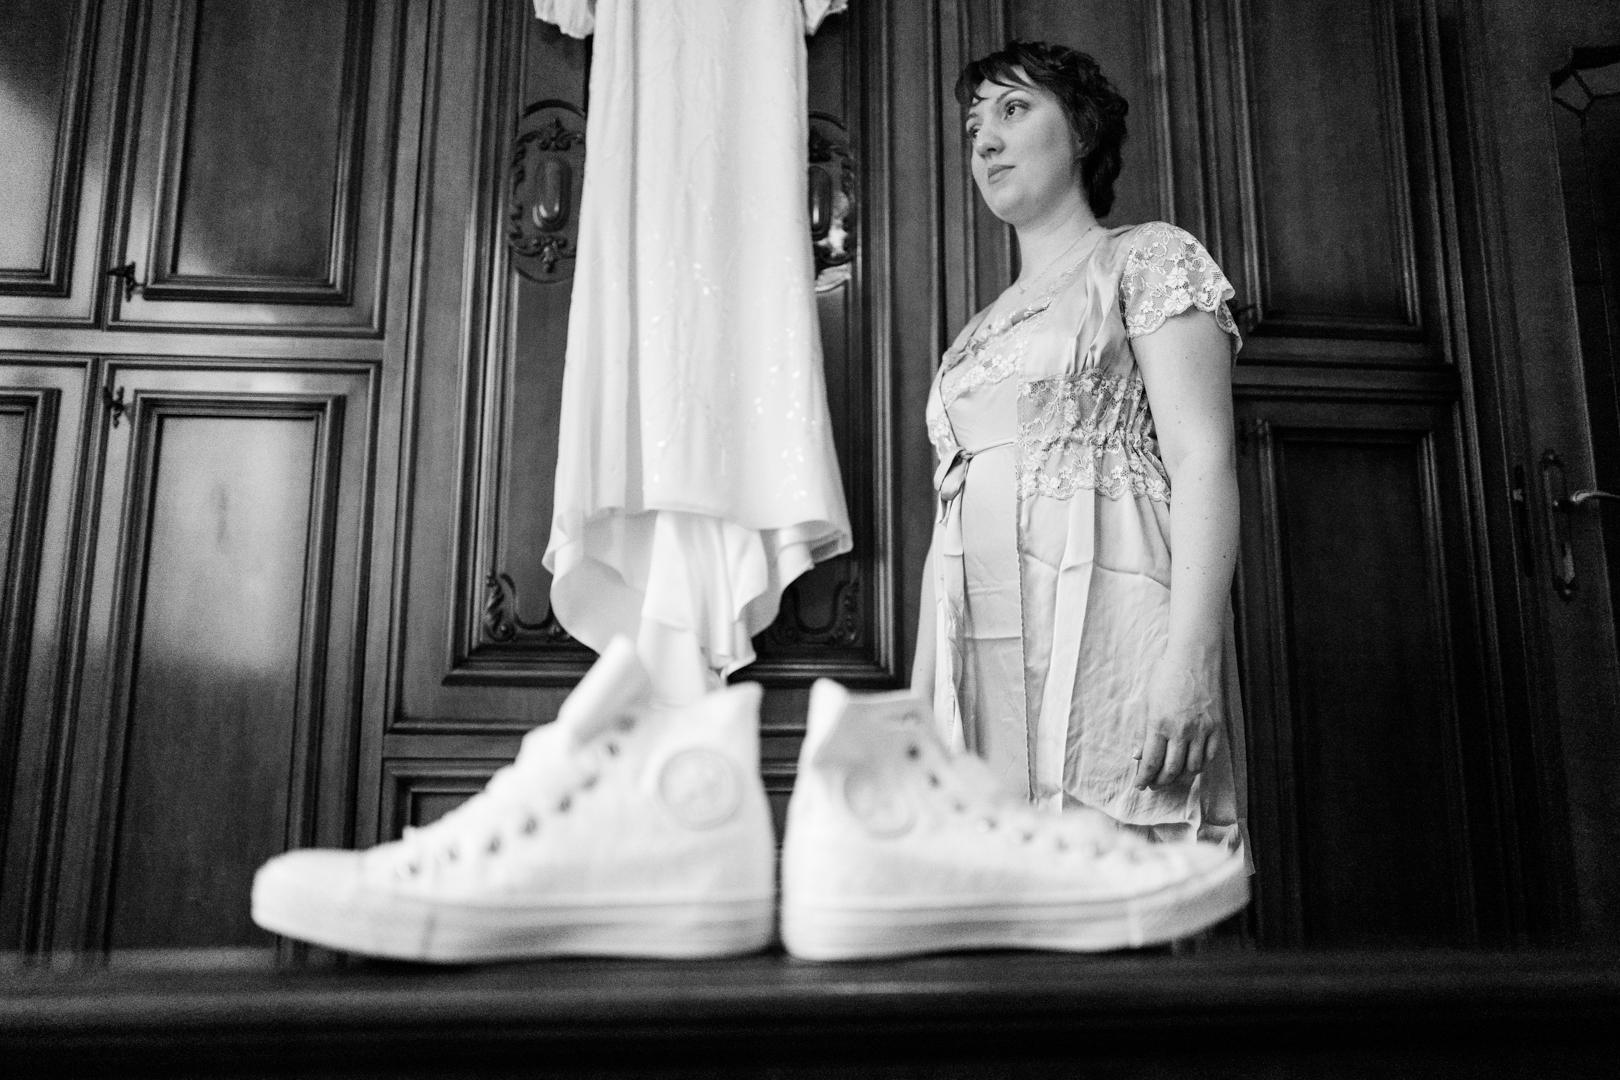 monica sica-LA LOCANDA DELLA MAISON VERTE-matrimonio-002